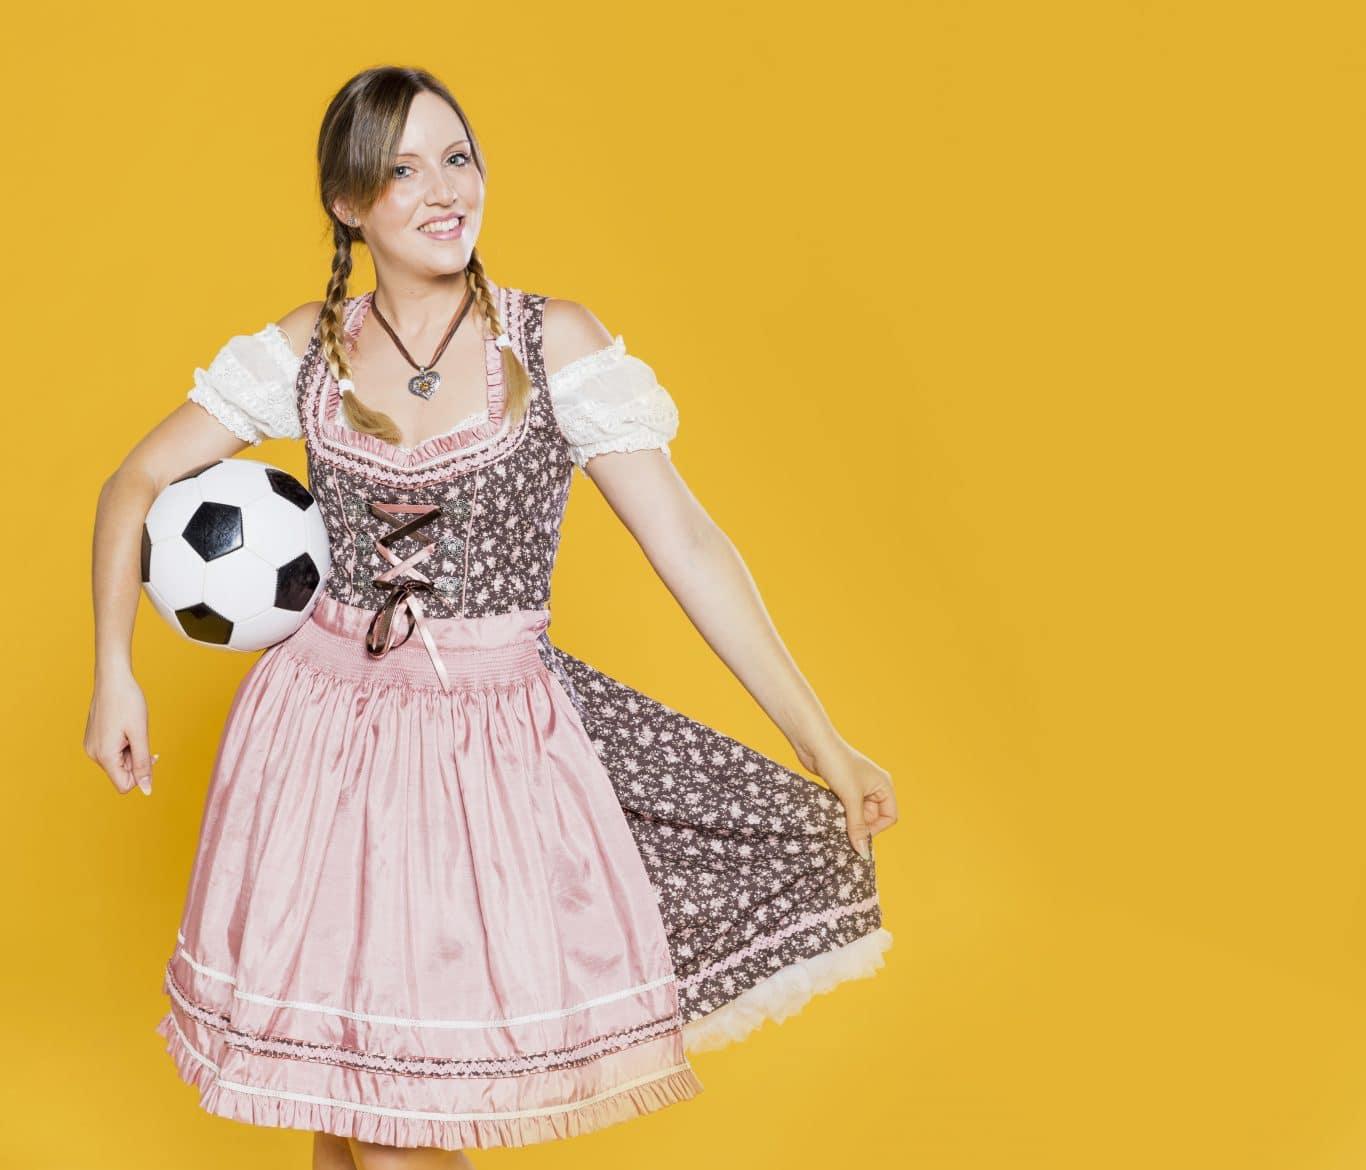 Am Ball bleiben -L'expression allemande Am Ball bleiben expliquée